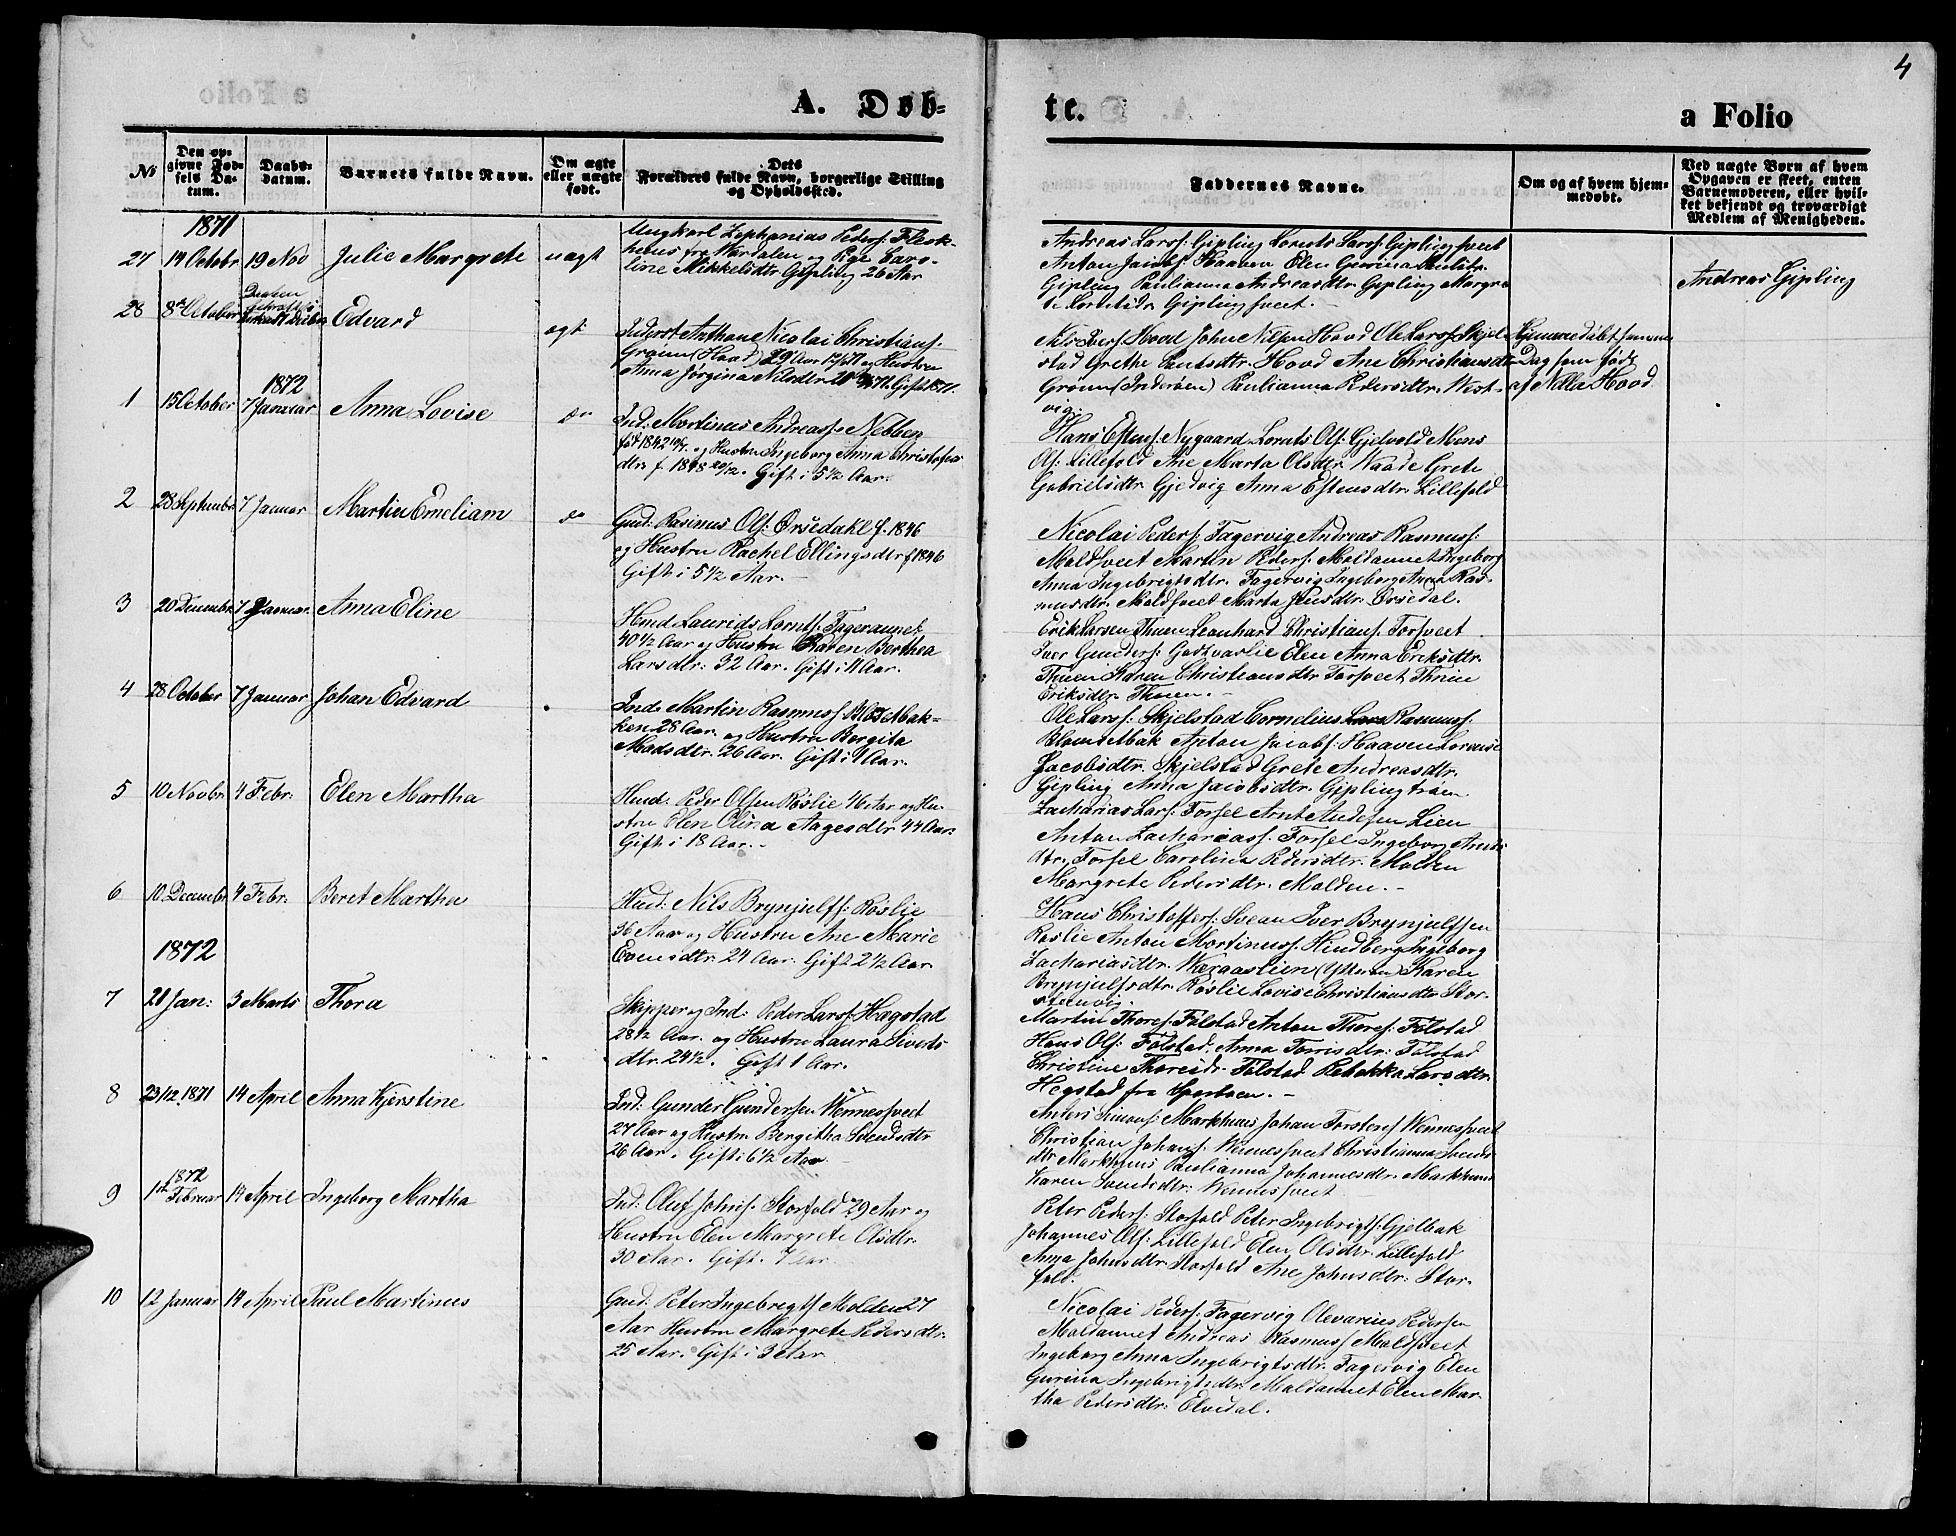 SAT, Ministerialprotokoller, klokkerbøker og fødselsregistre - Nord-Trøndelag, 744/L0422: Klokkerbok nr. 744C01, 1871-1885, s. 4